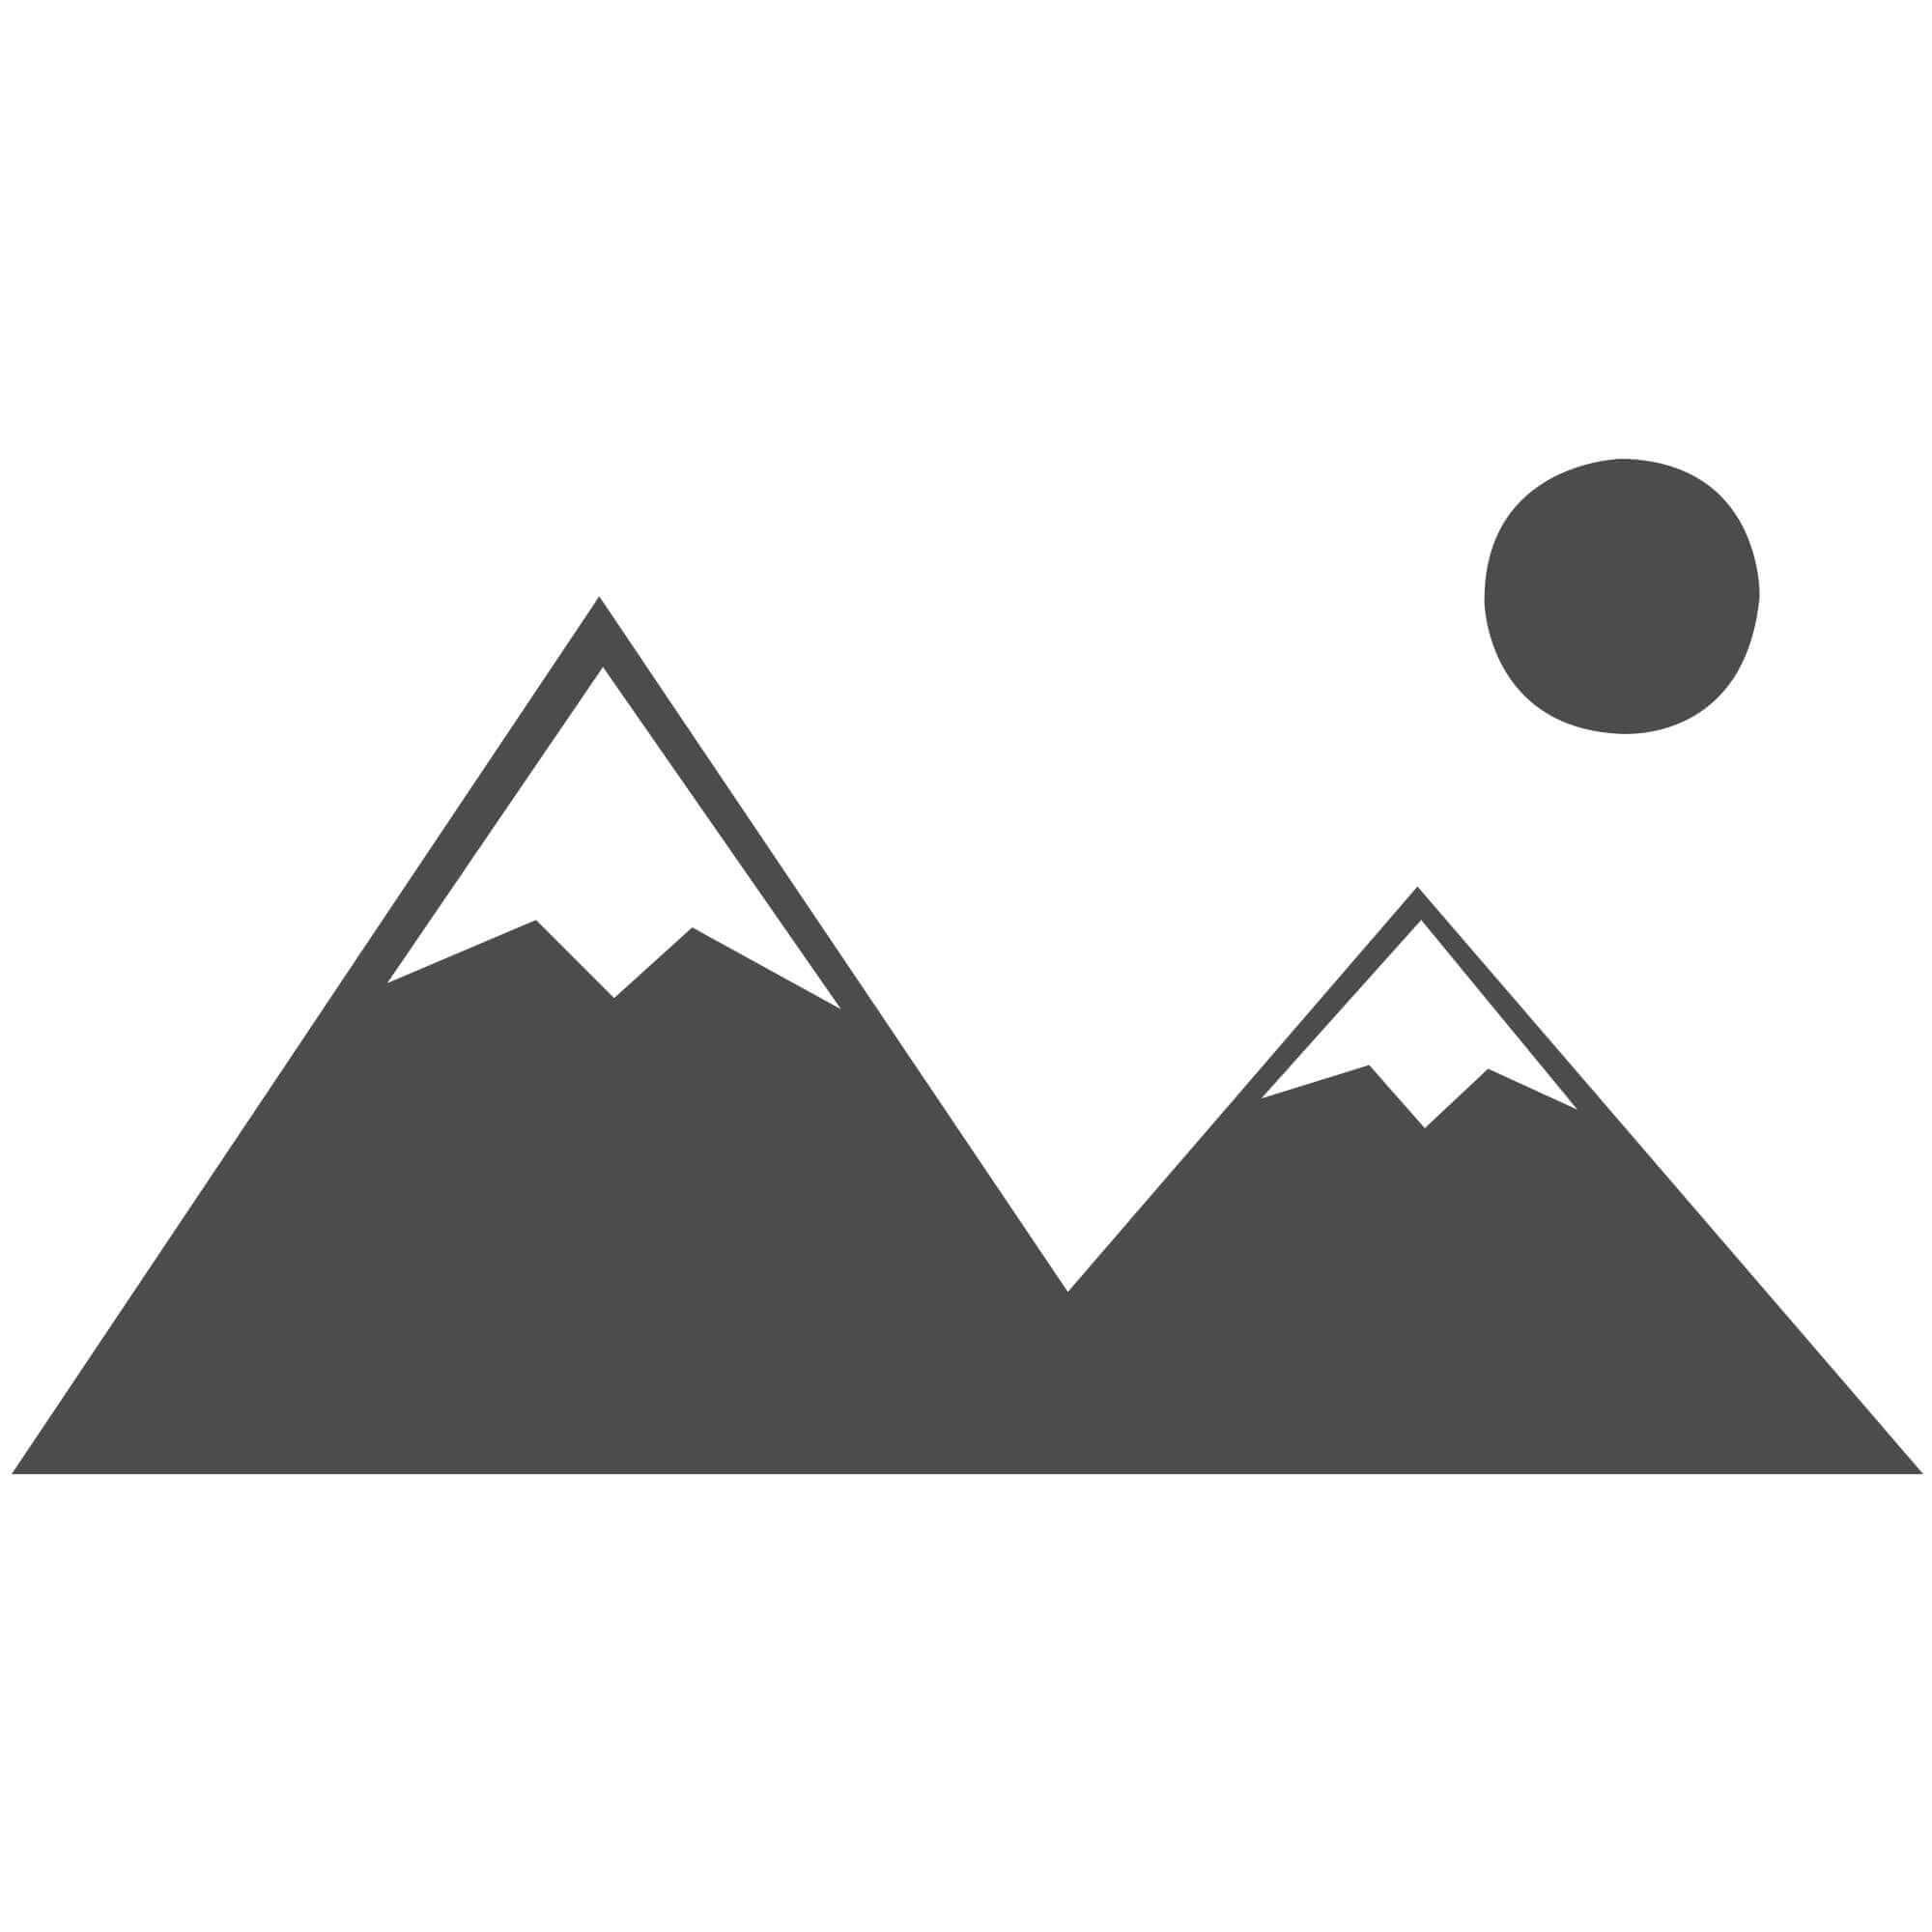 Kelim Flat-weave Rug - Charcoal-Cushion Covers 47 x 47 cm (Twin Pack)